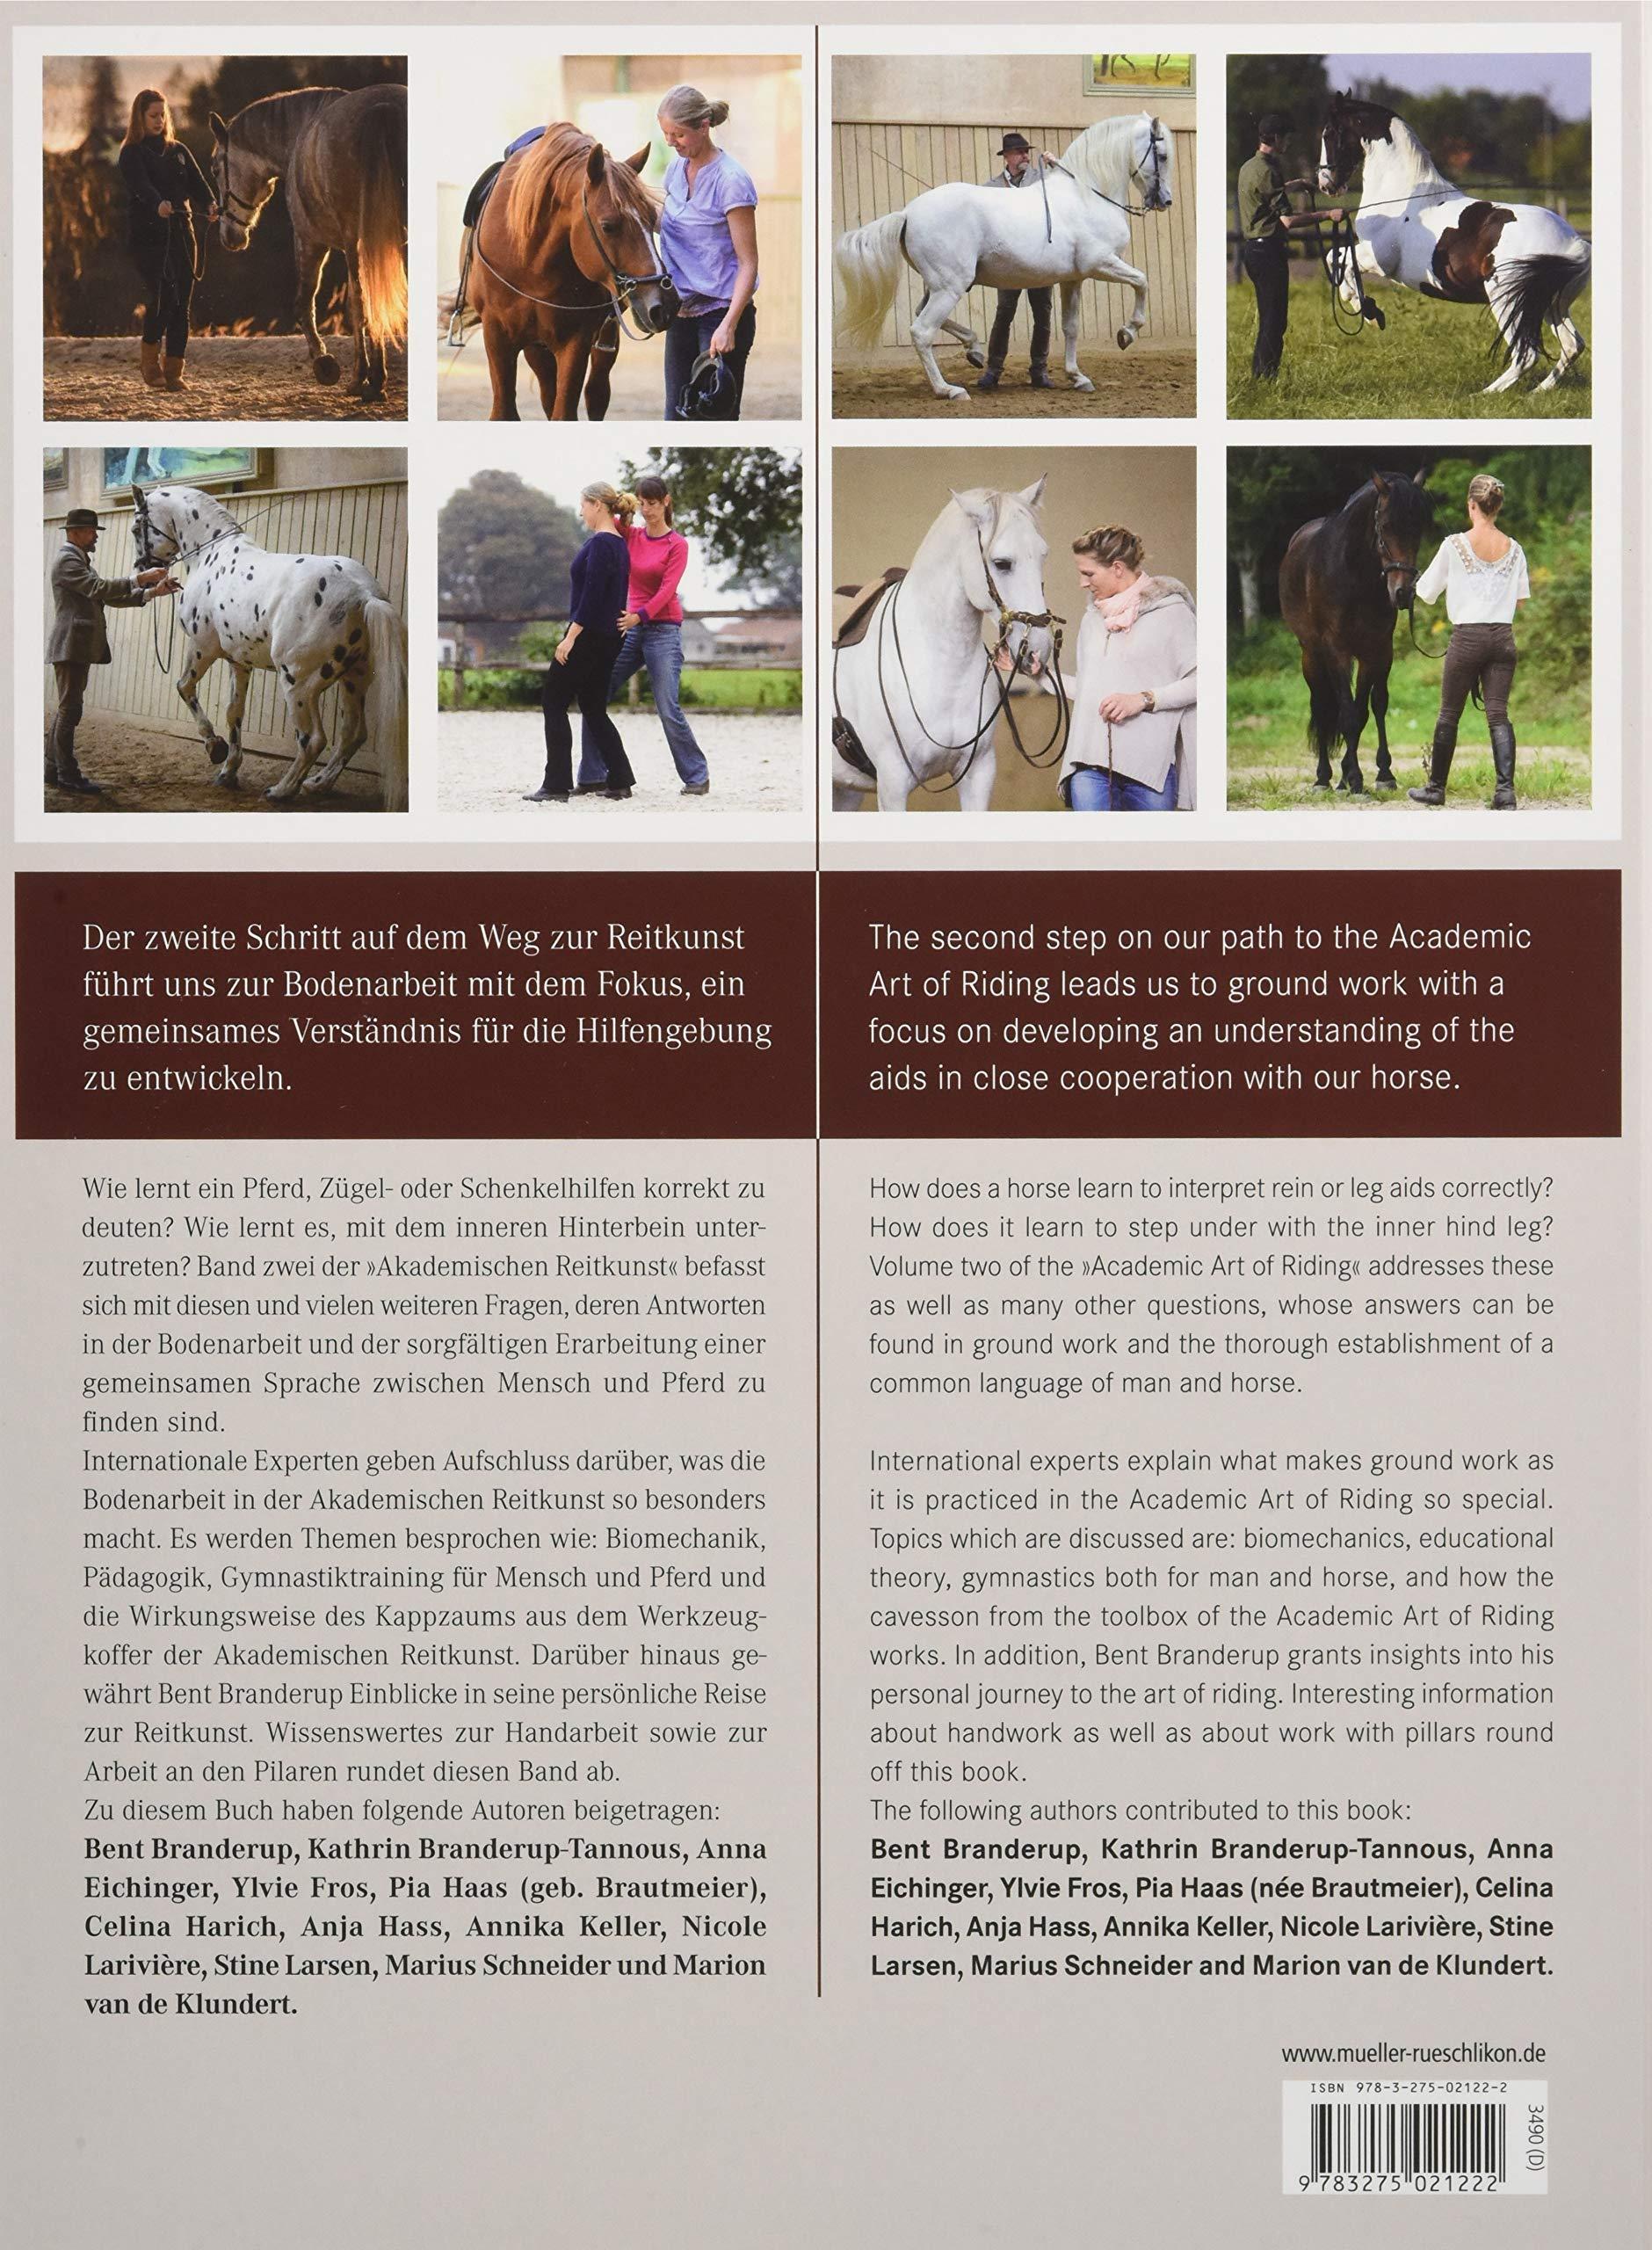 Beziehungspflege Horsemanship Akademische Reitkunst 17 Stufen Ratgeber Buch Book